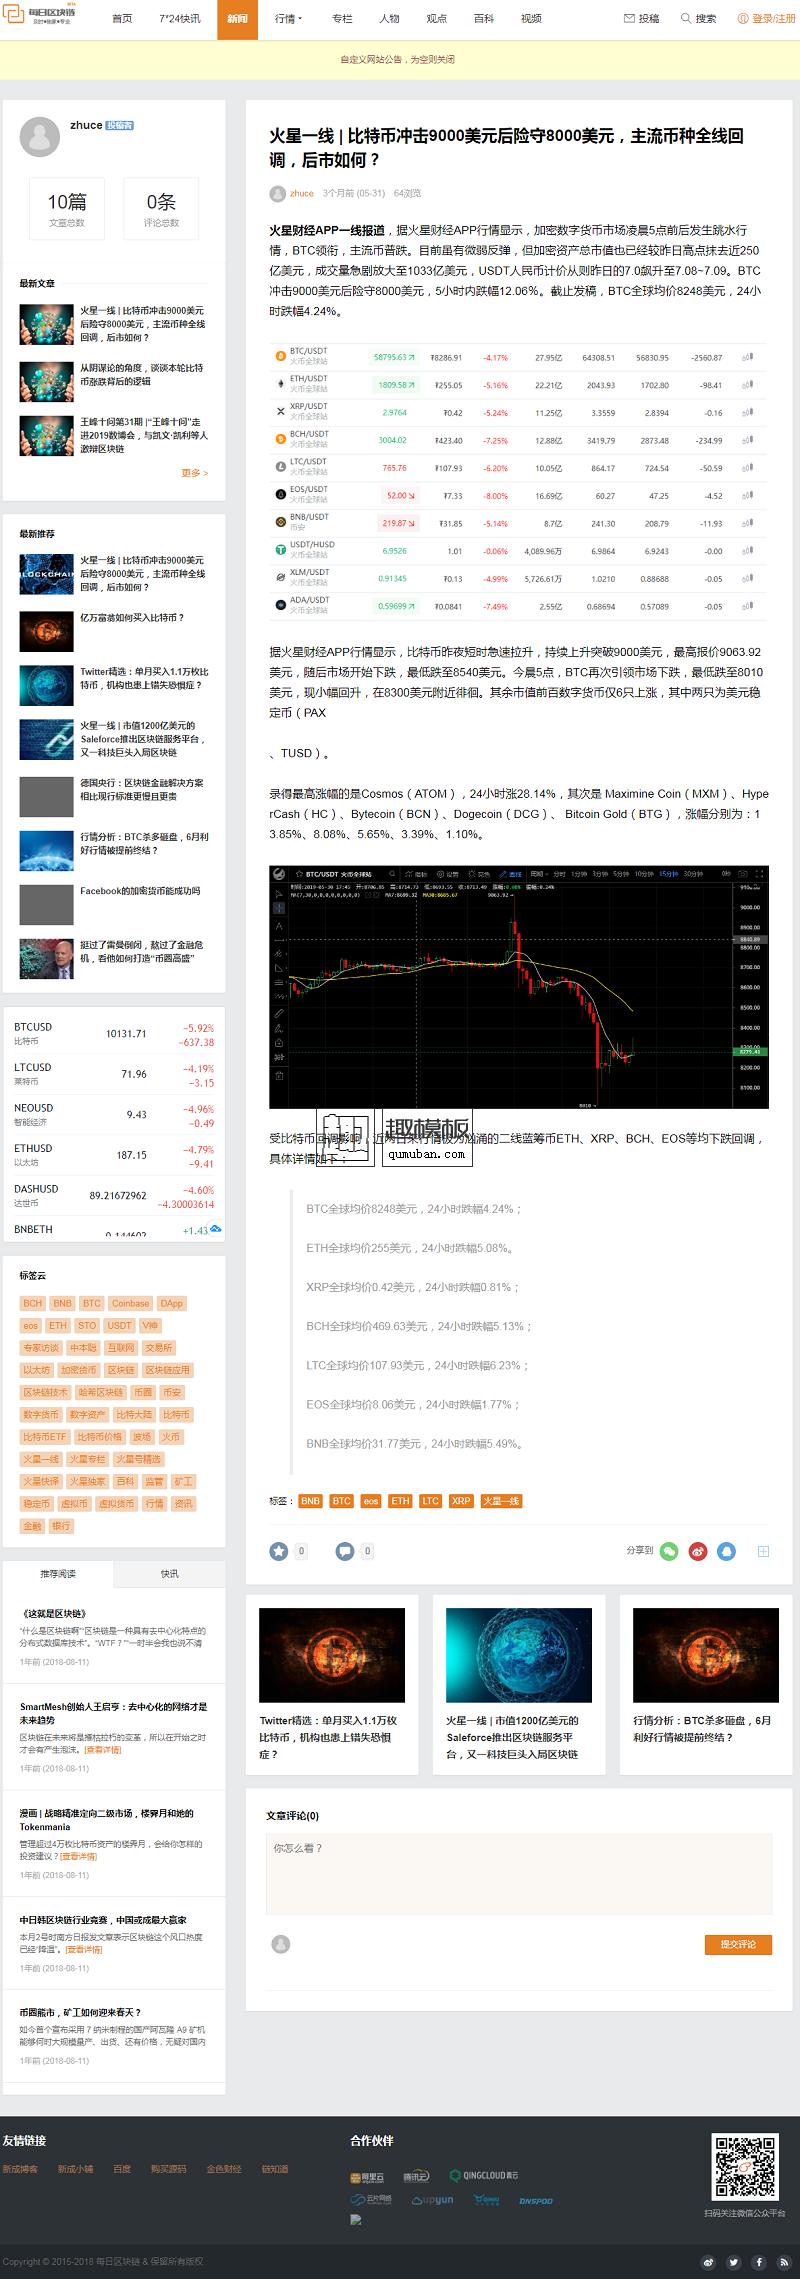 虚拟货币交易文章采集每日区块链采集站wordpress主题自动采集 模板 第2张